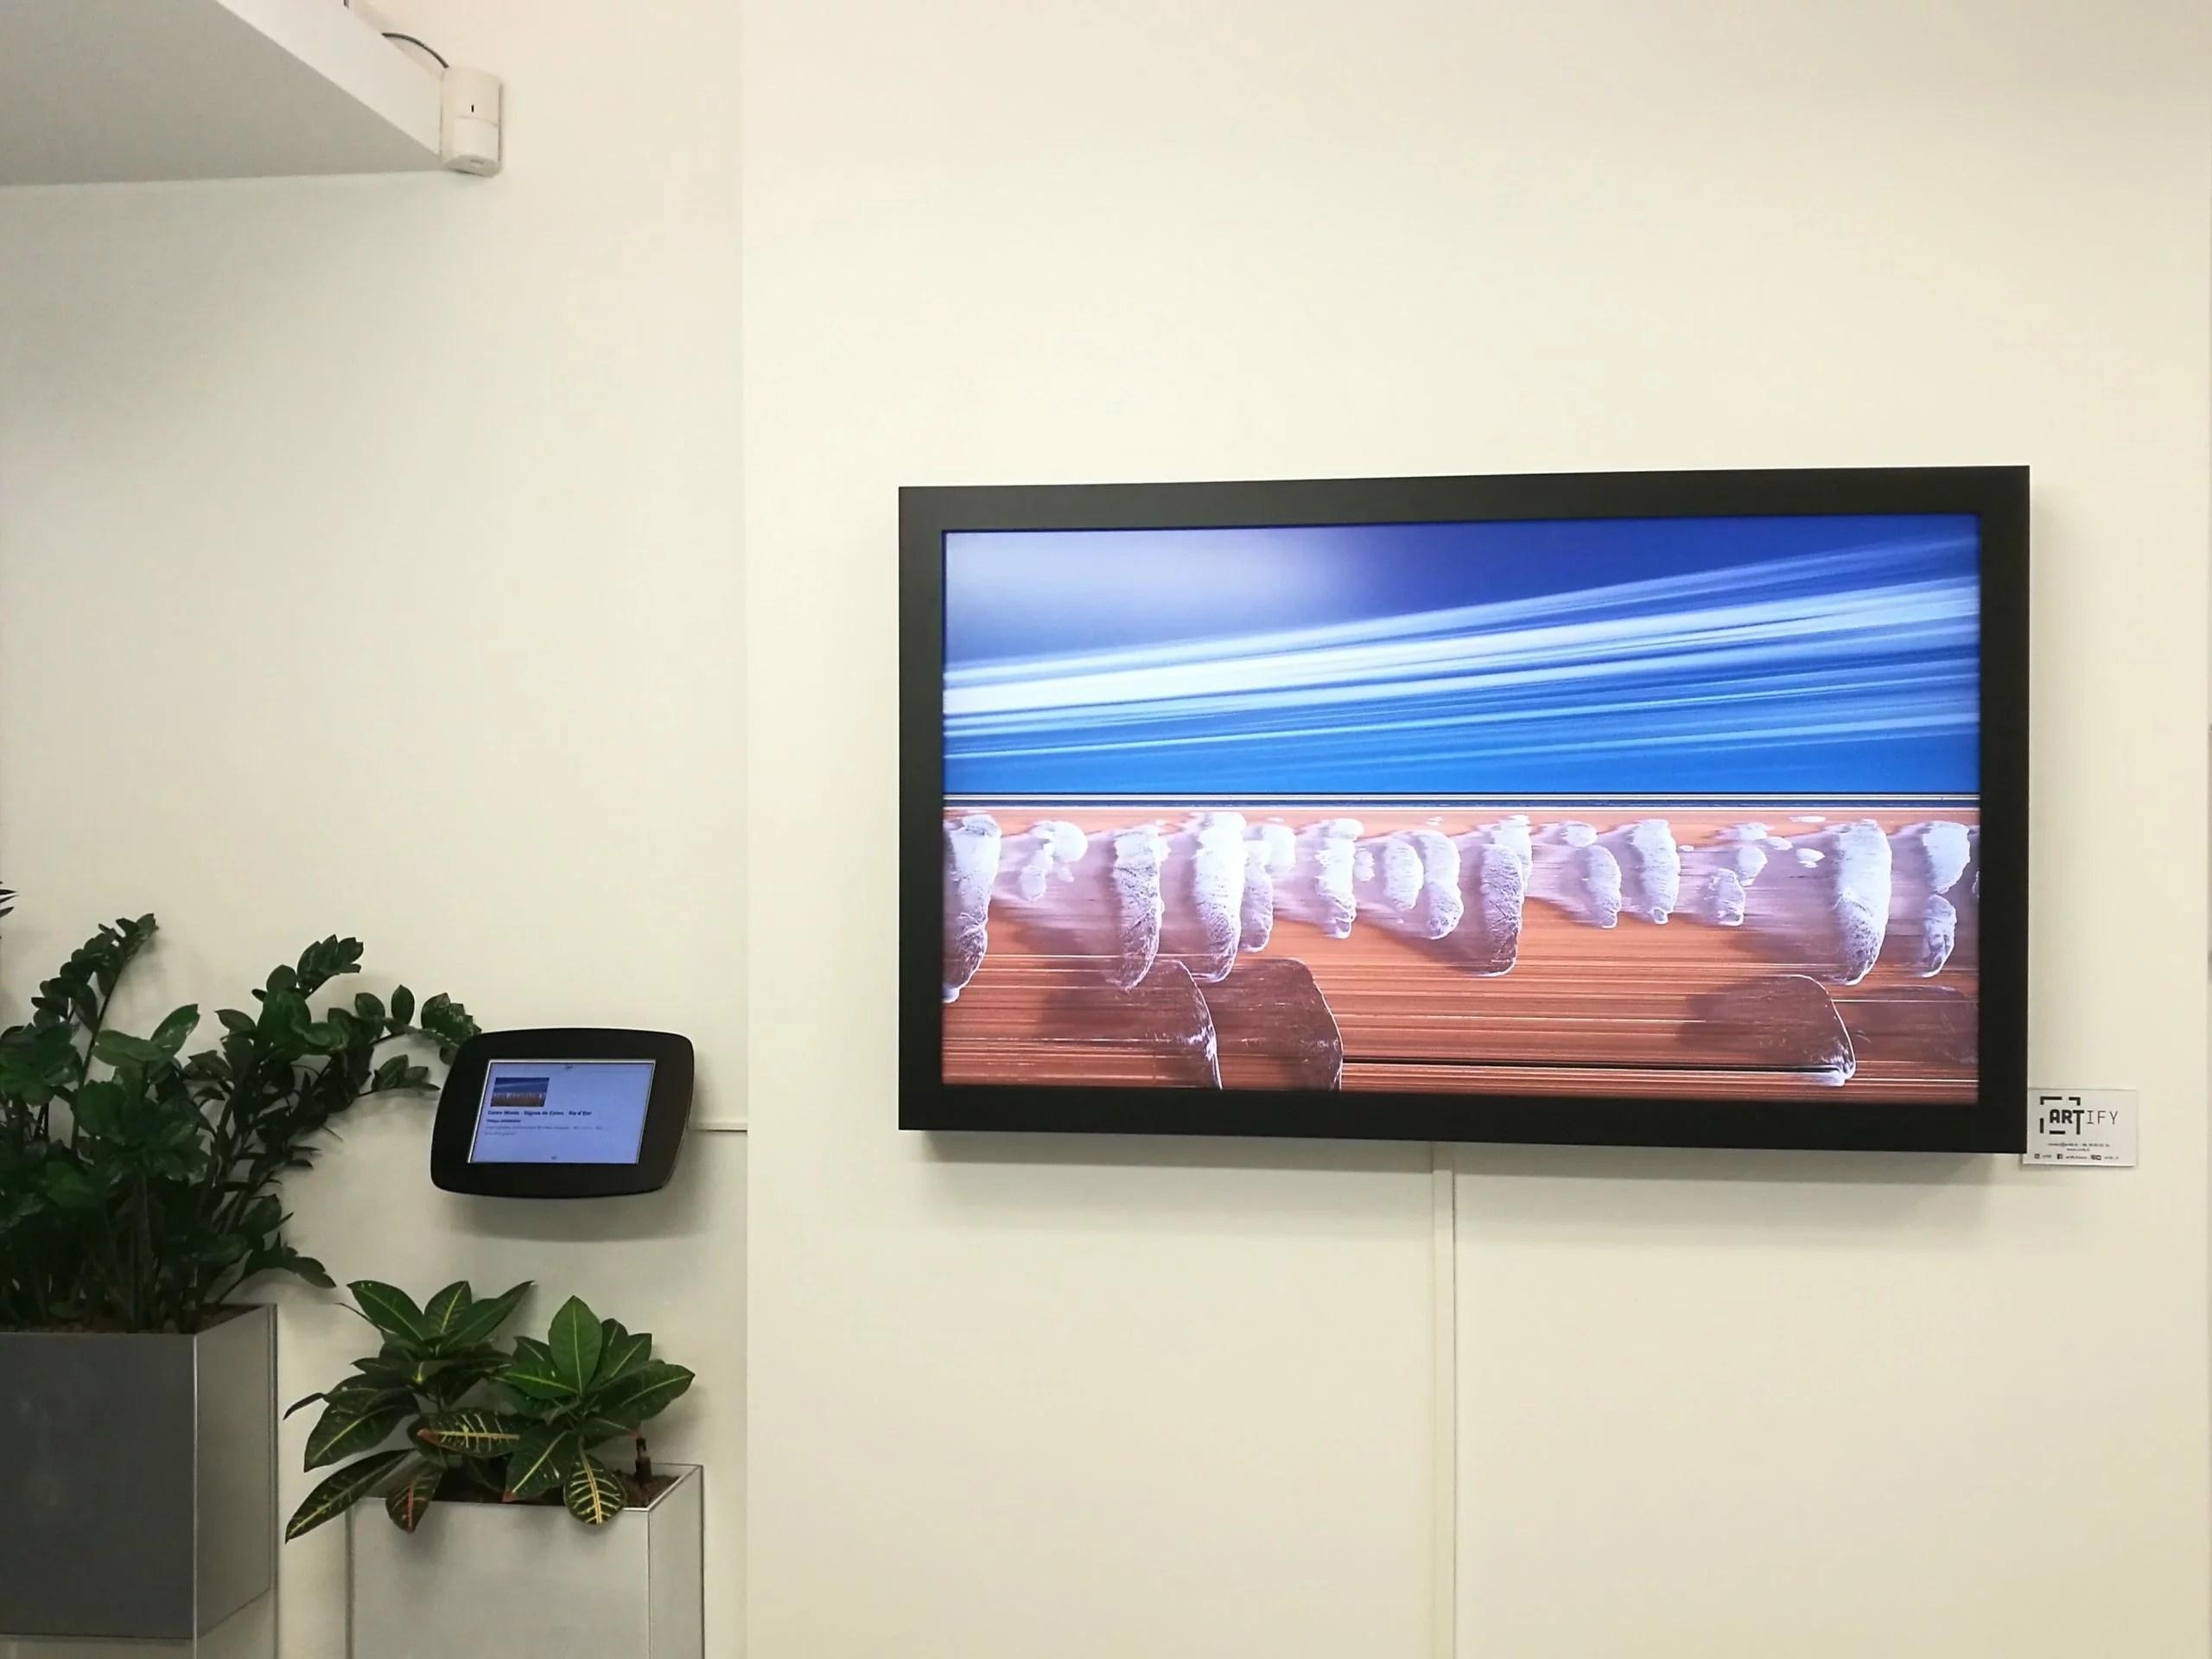 Artify - Tableau d'art connecté chez Synthec dans le Hall d'accueil